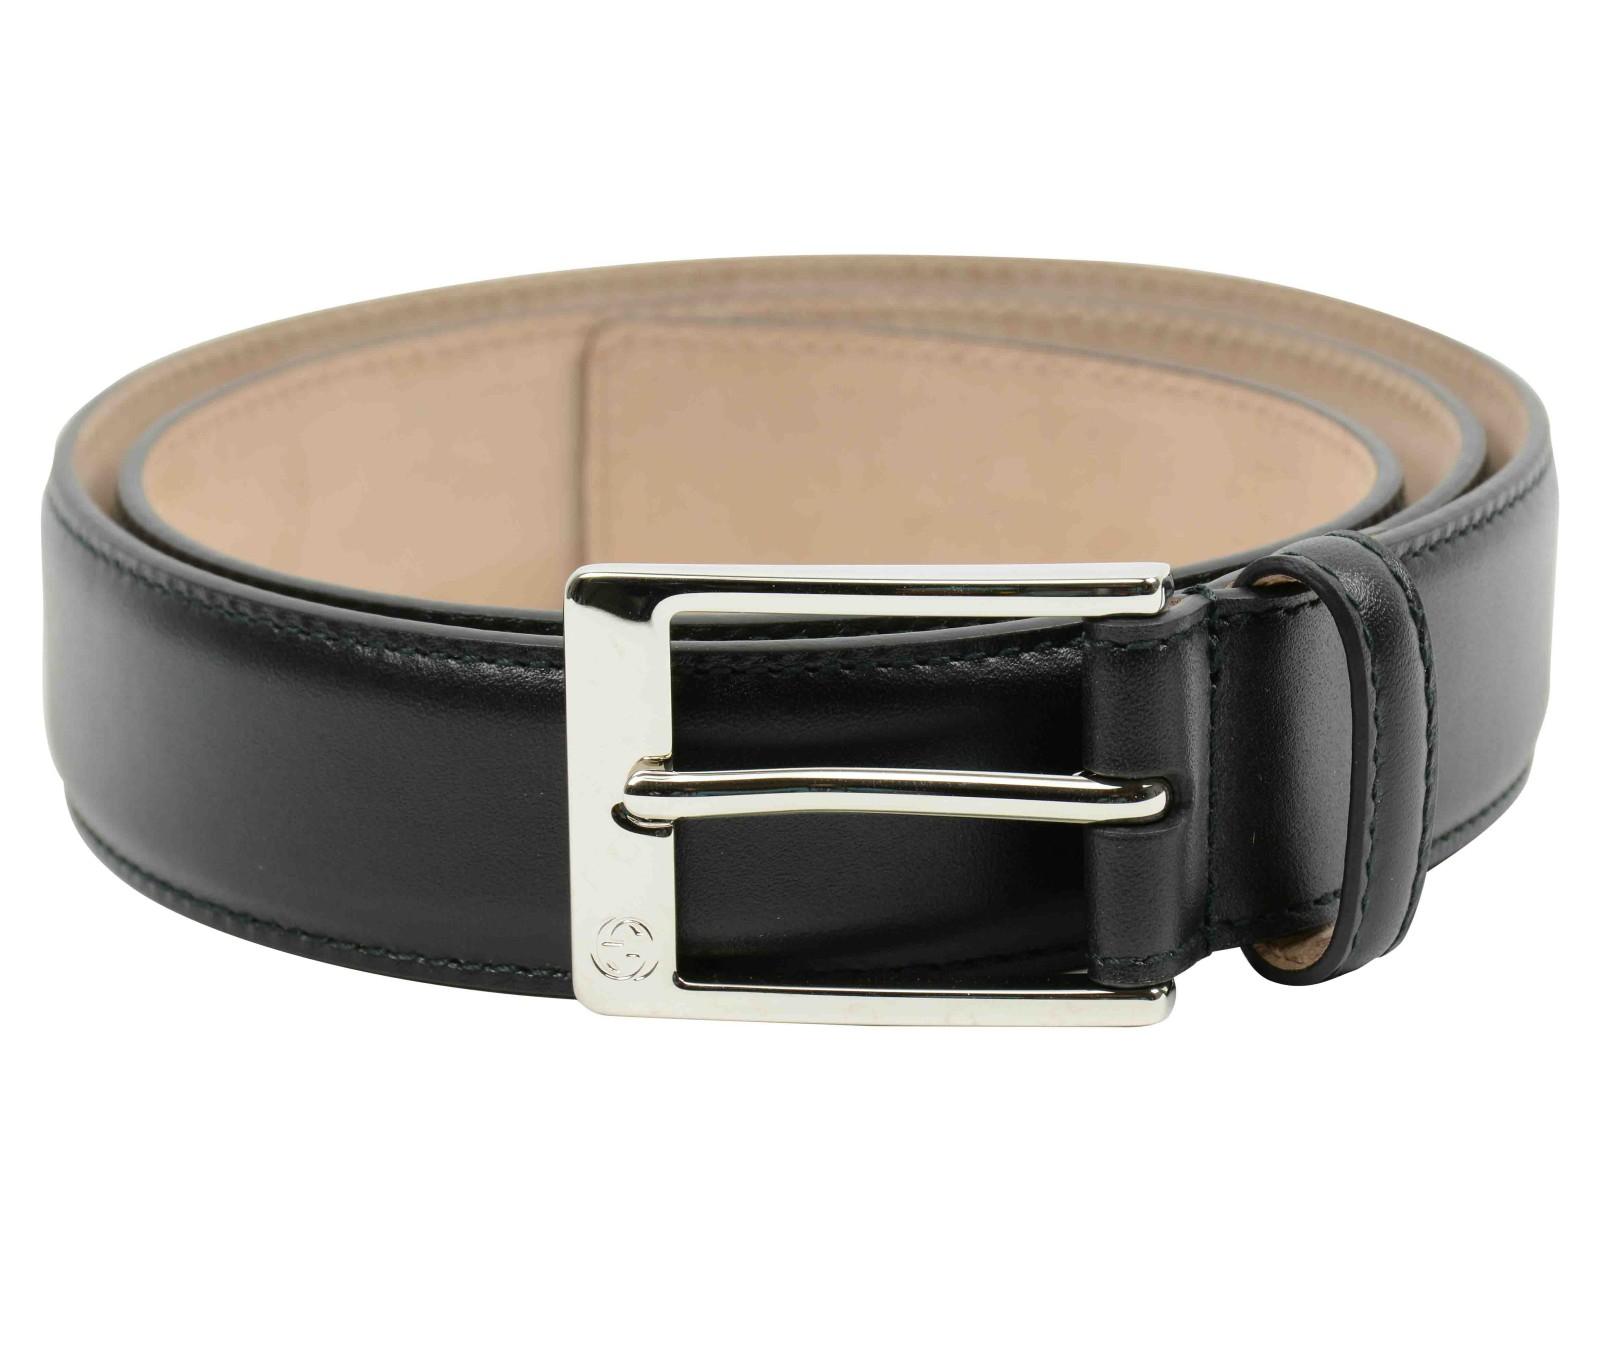 Gucci 345658 bgh0n cintura in black for men nero lyst for Portafoglio gucci uomo nero